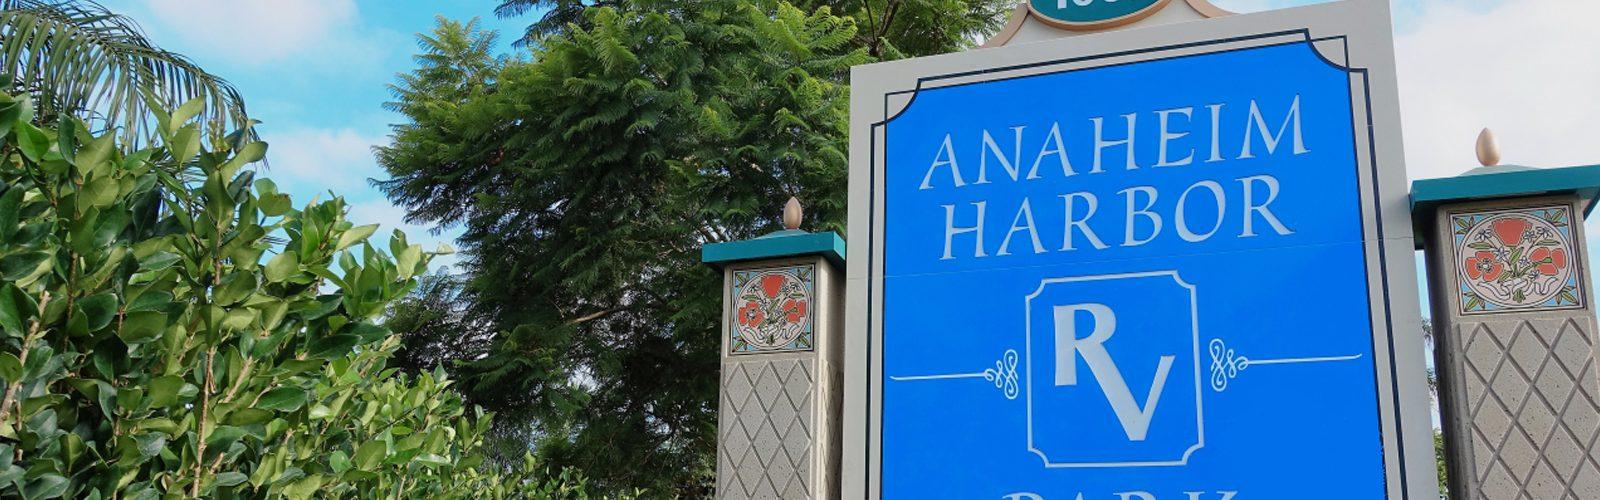 Anaheim Harbor Rv Park Welcome To Anaheim Harbor Rv Park